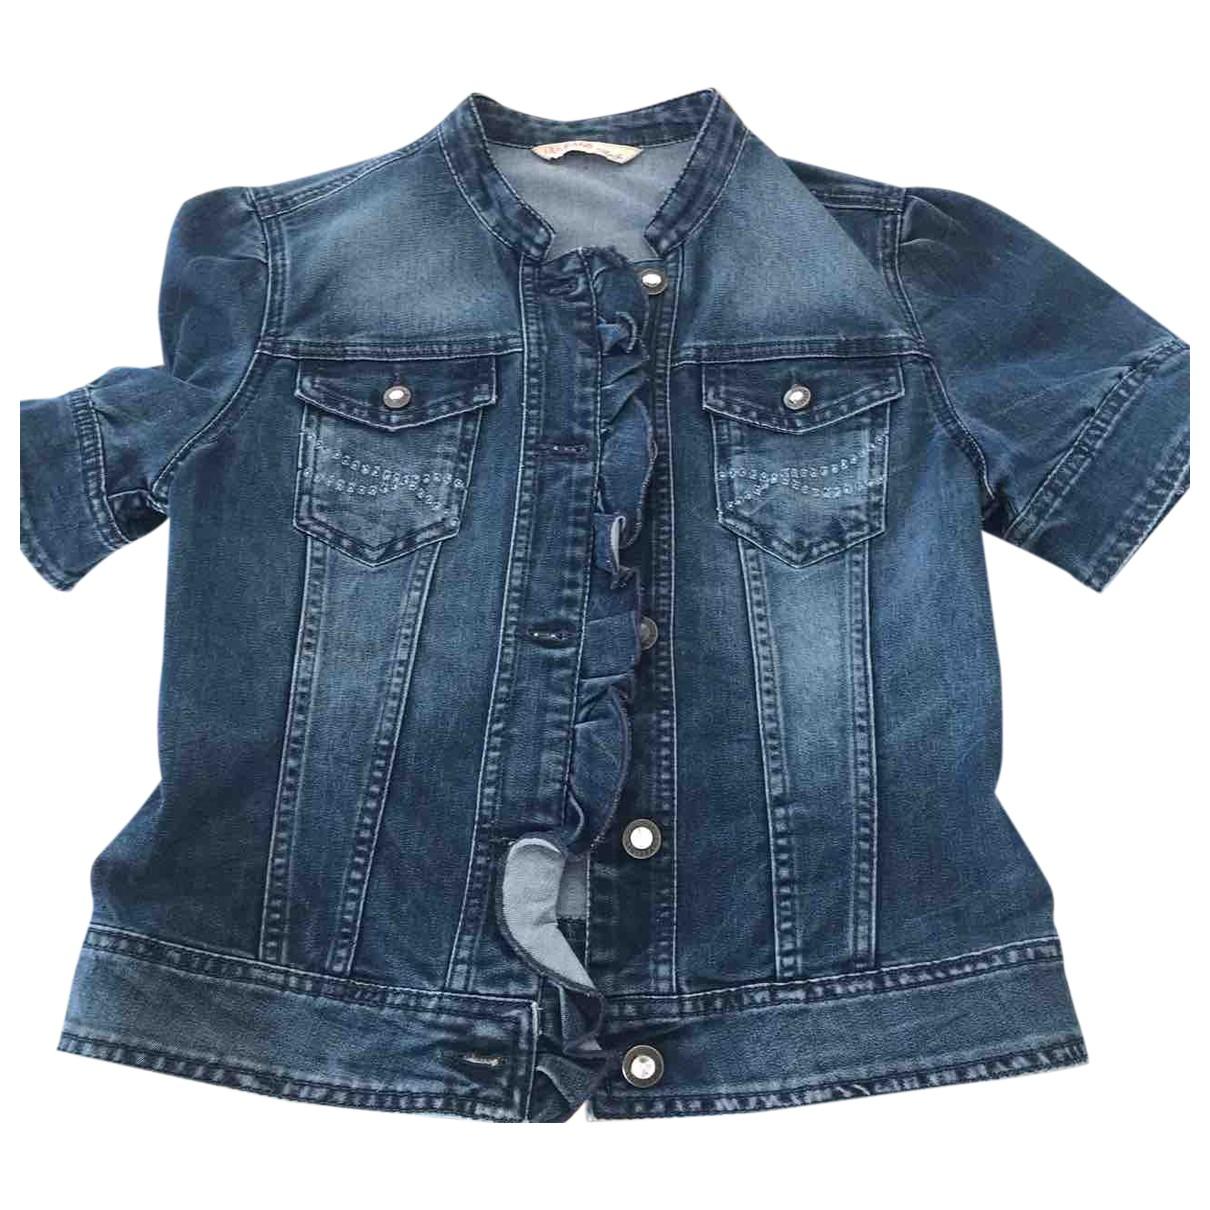 Liu.jo \N Blue Denim - Jeans jacket for Women S International